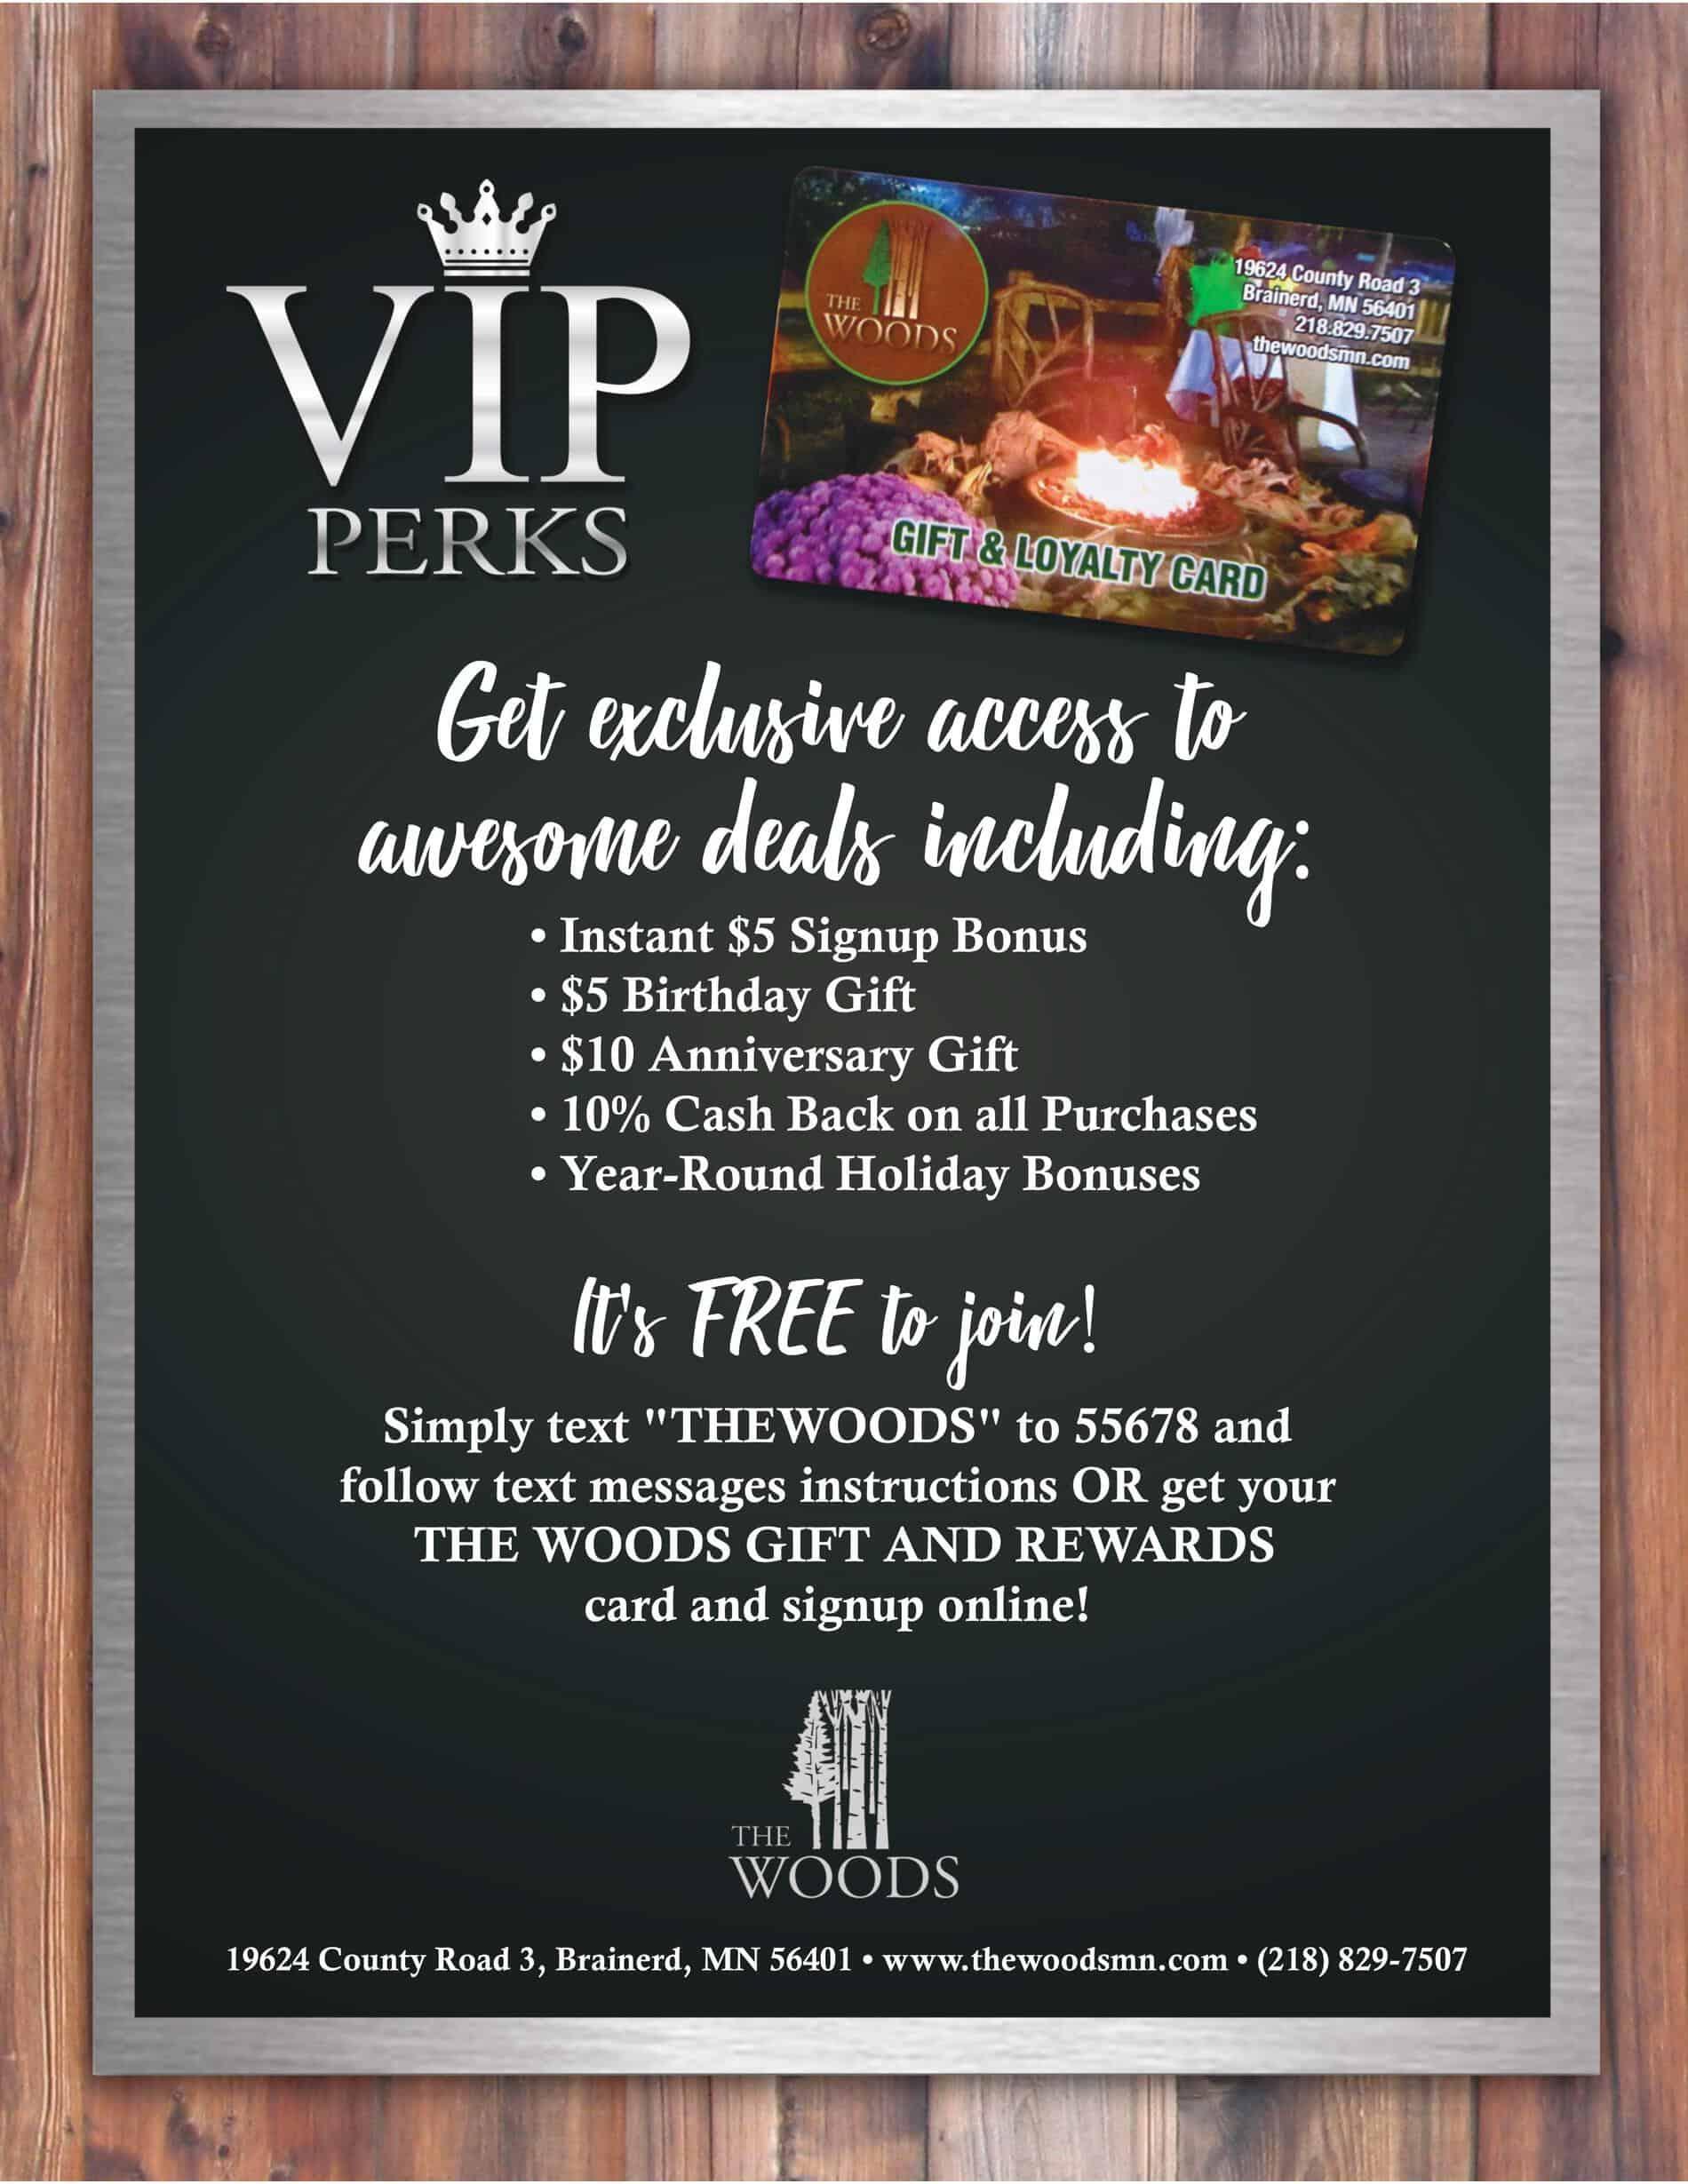 The Woods VIP Perks